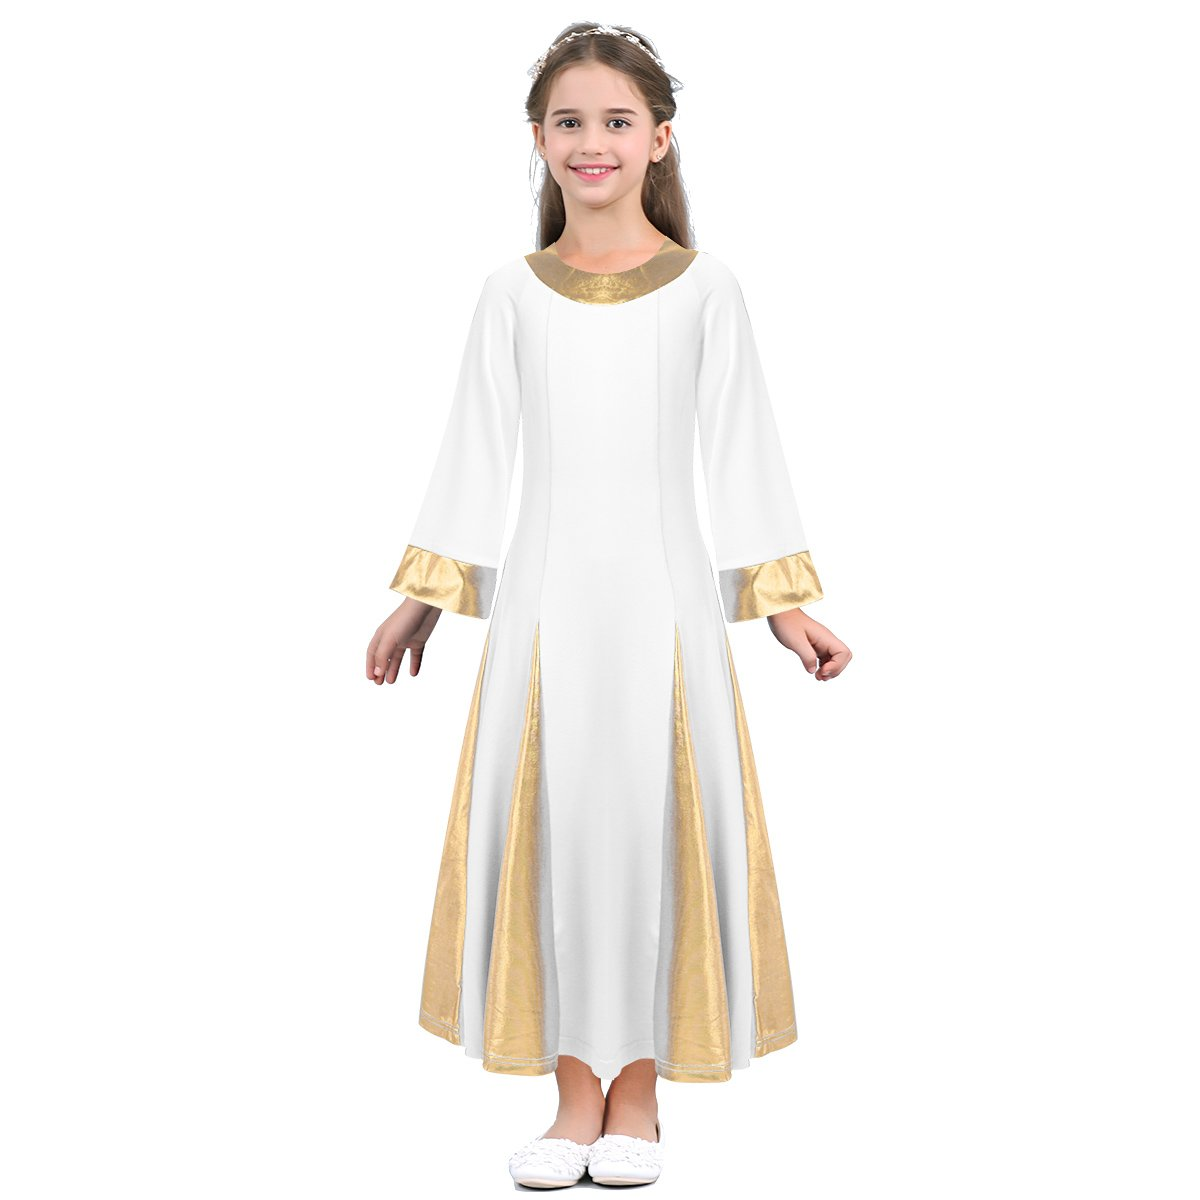 熱販売 TiaoBug DRESS ガールズ ガールズ ホワイト 14|ホワイト B07FVSFF8G 14|ホワイト ホワイト 14, カガワチョウ:2e4eb32c --- synnexsoftech.com